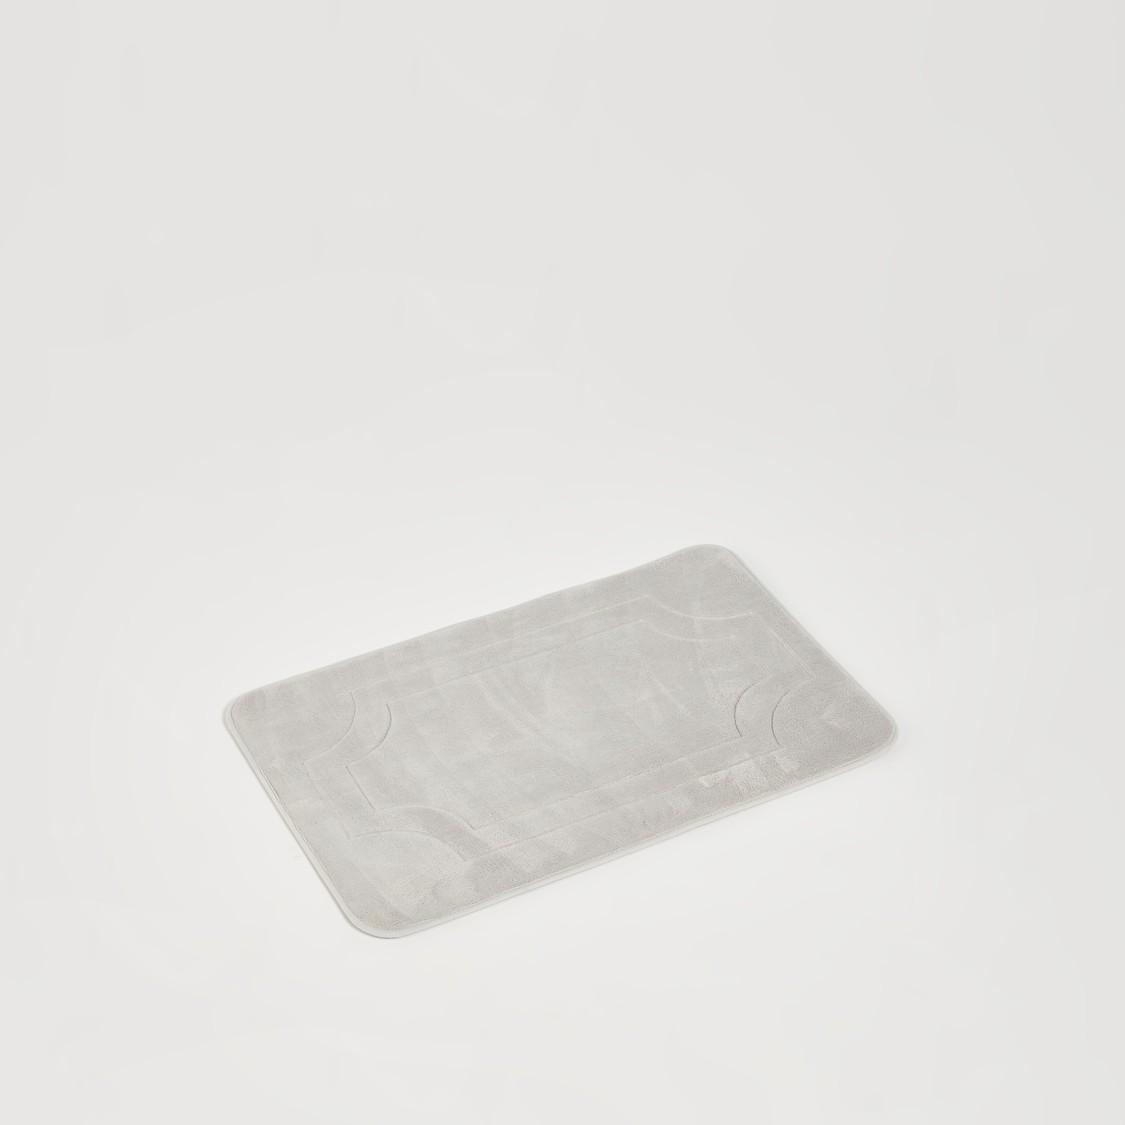 Tufted Bath Mat - 70x45 cms